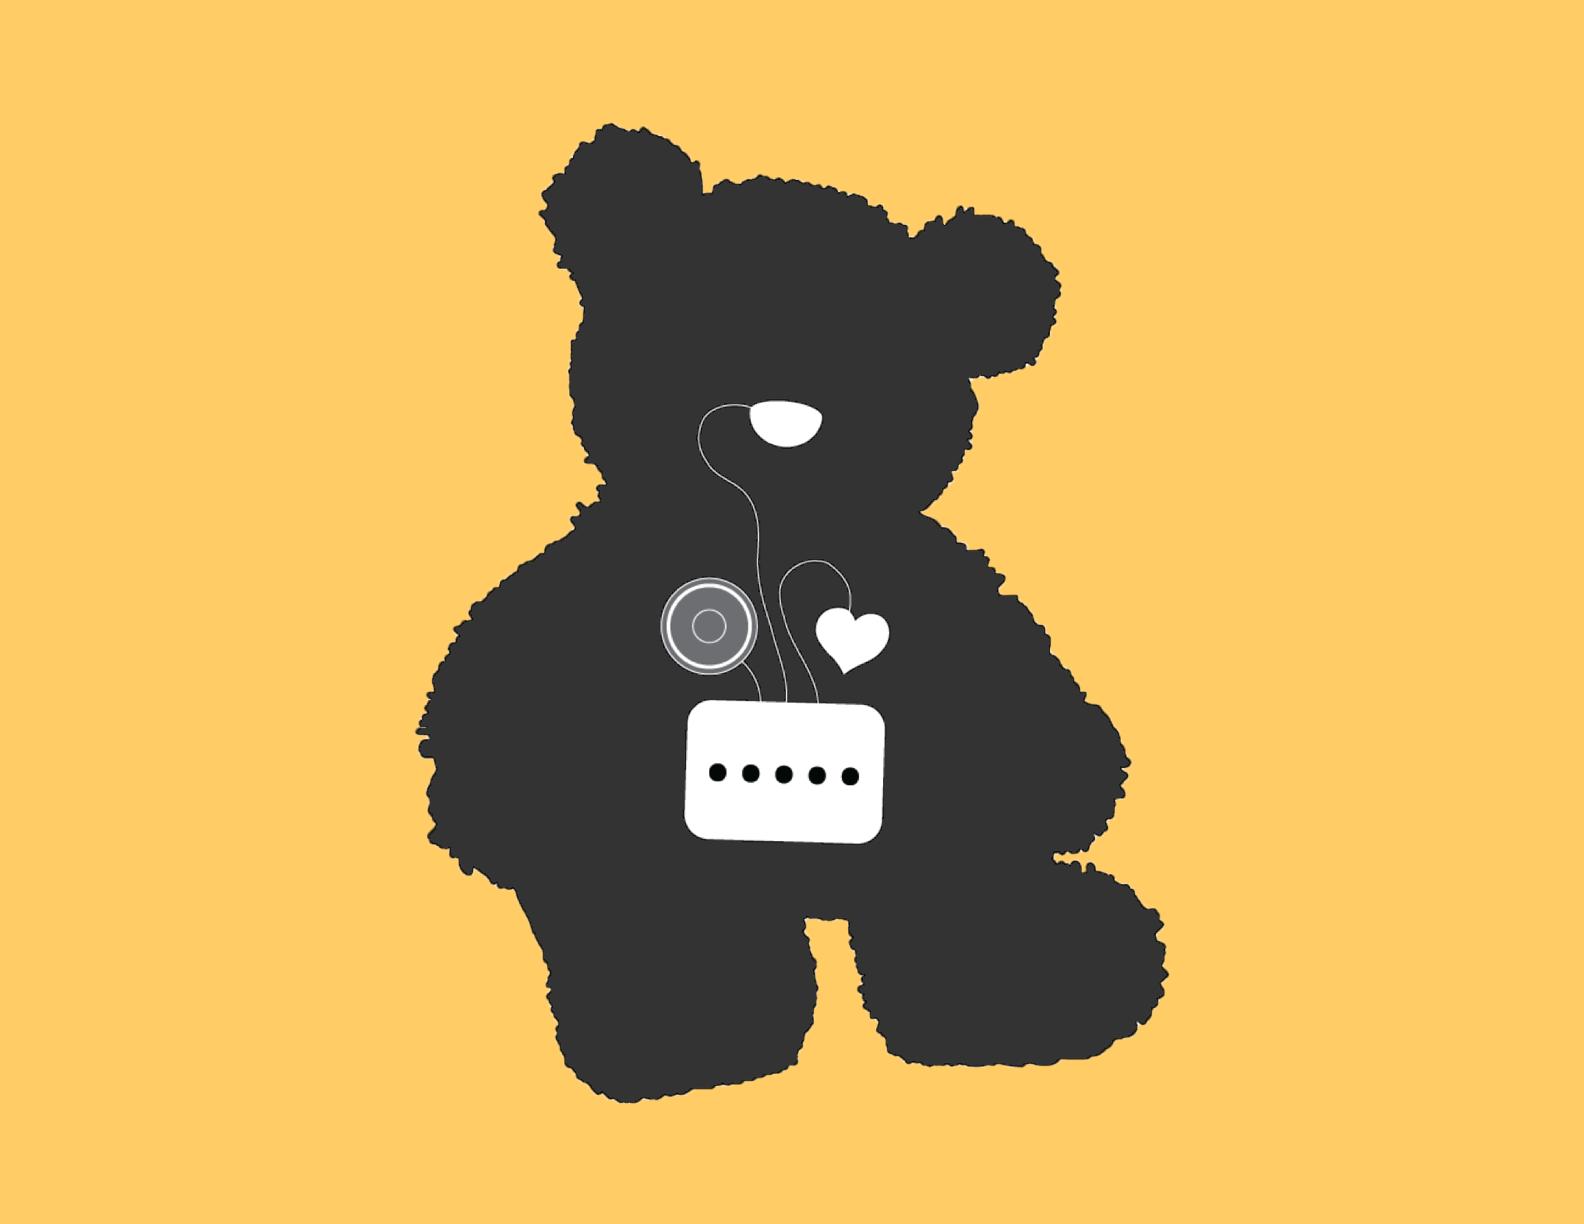 teddybeddy.png